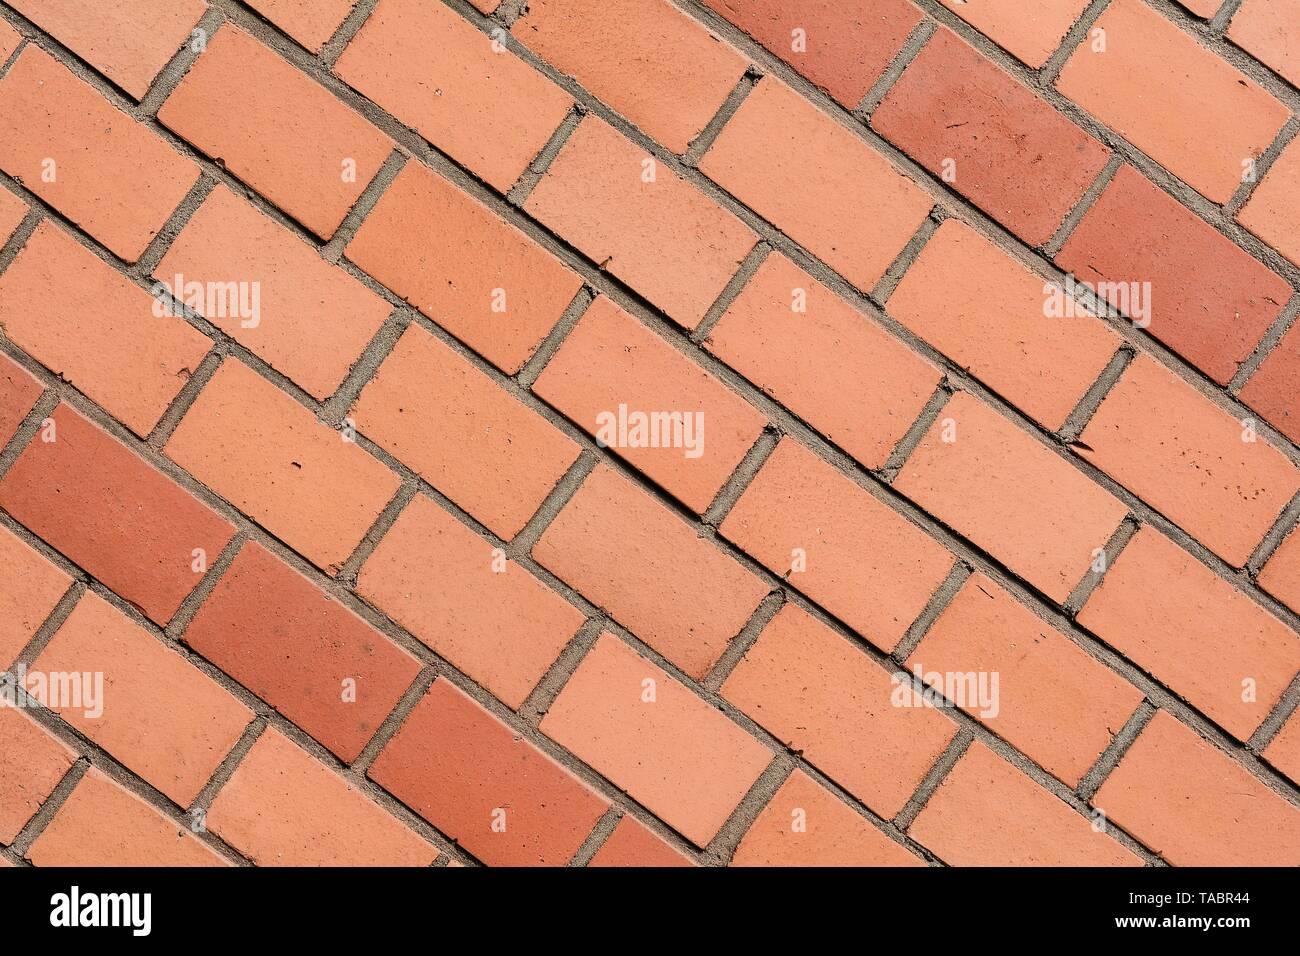 Facade of bricks on a house Stock Photo